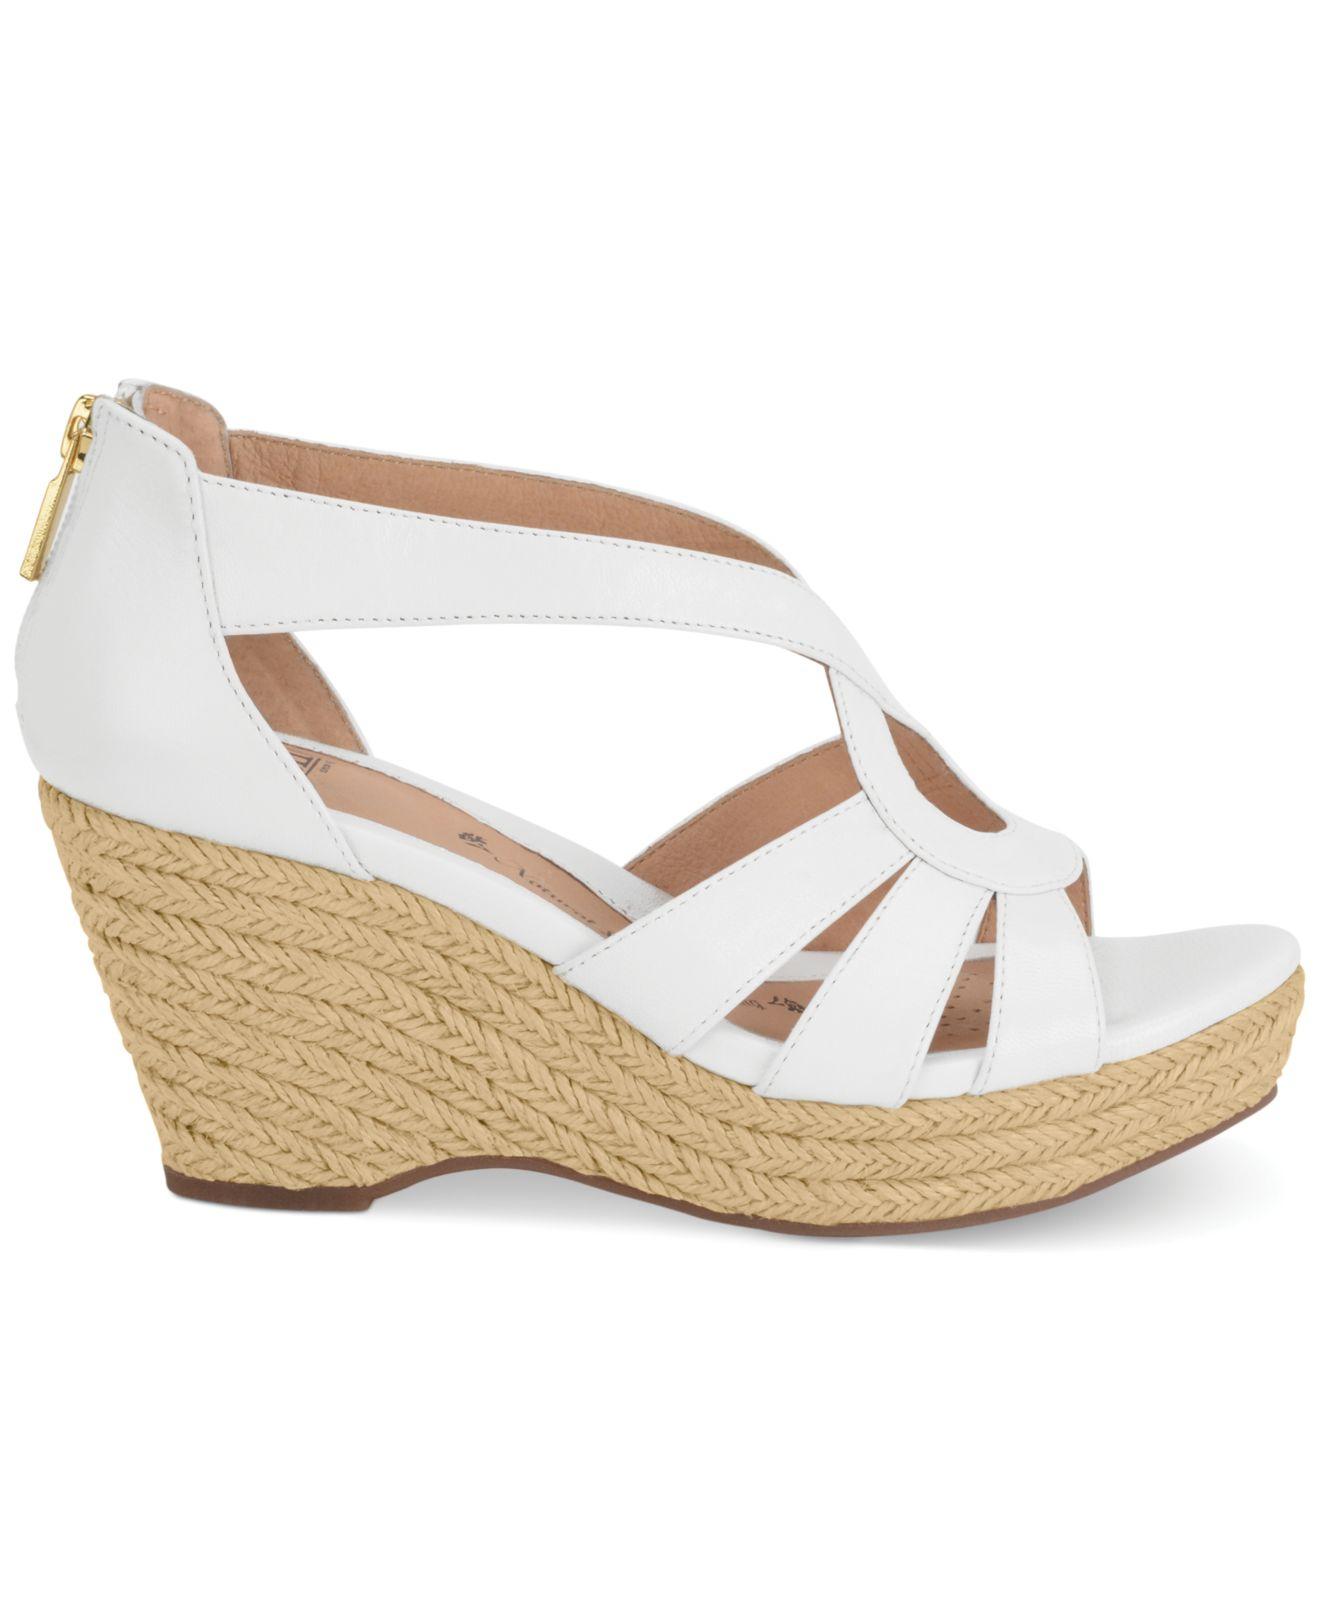 s 246 fft mena platform wedge sandals in white lyst